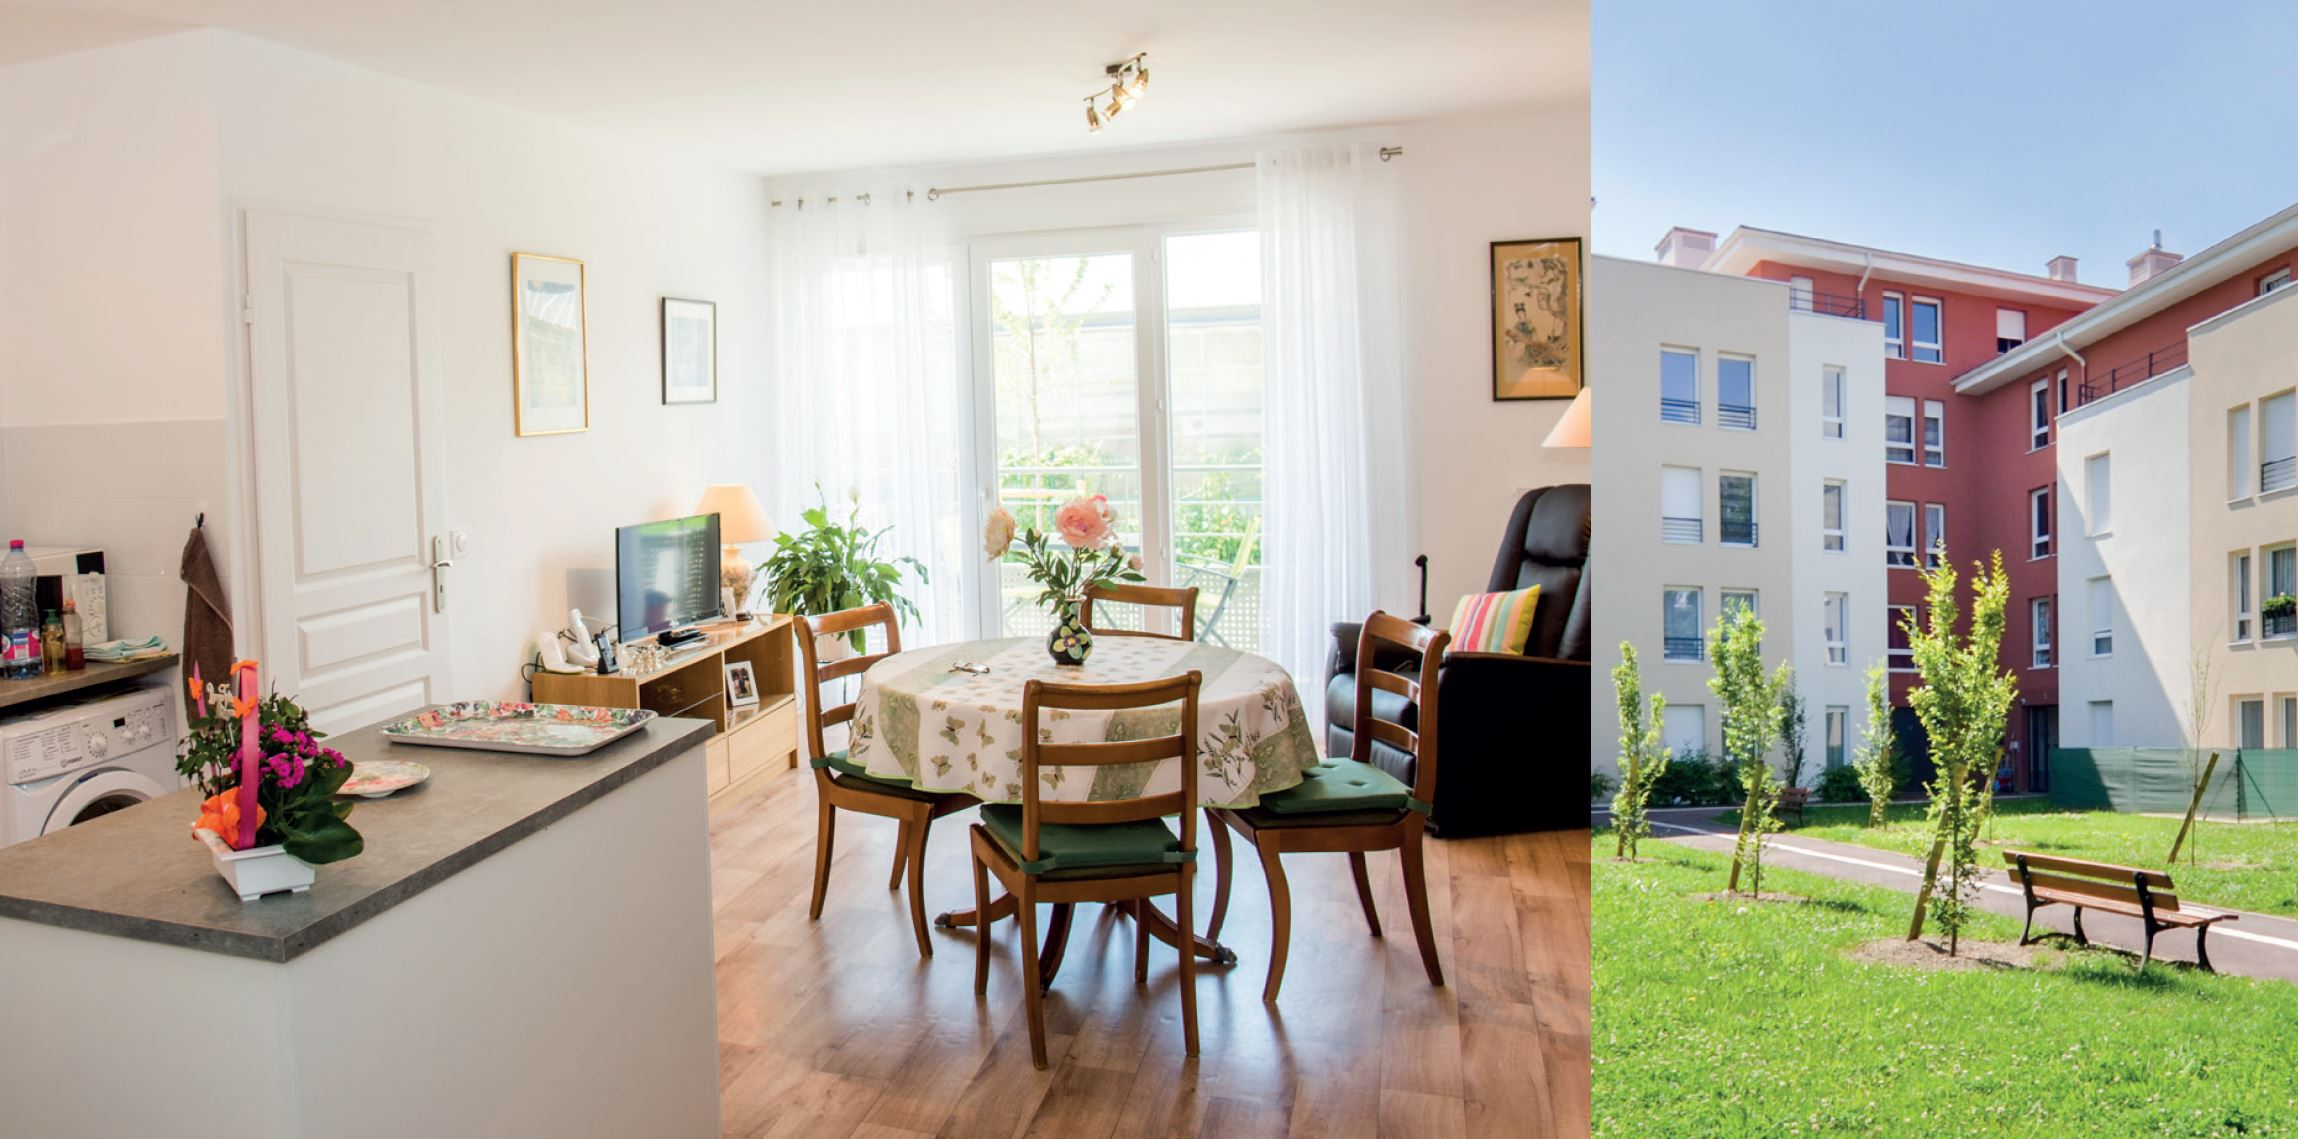 Habitat multi-générationnel & innovation sociale: Vous connaissez le concept d'habitat des Maisons de Marianne